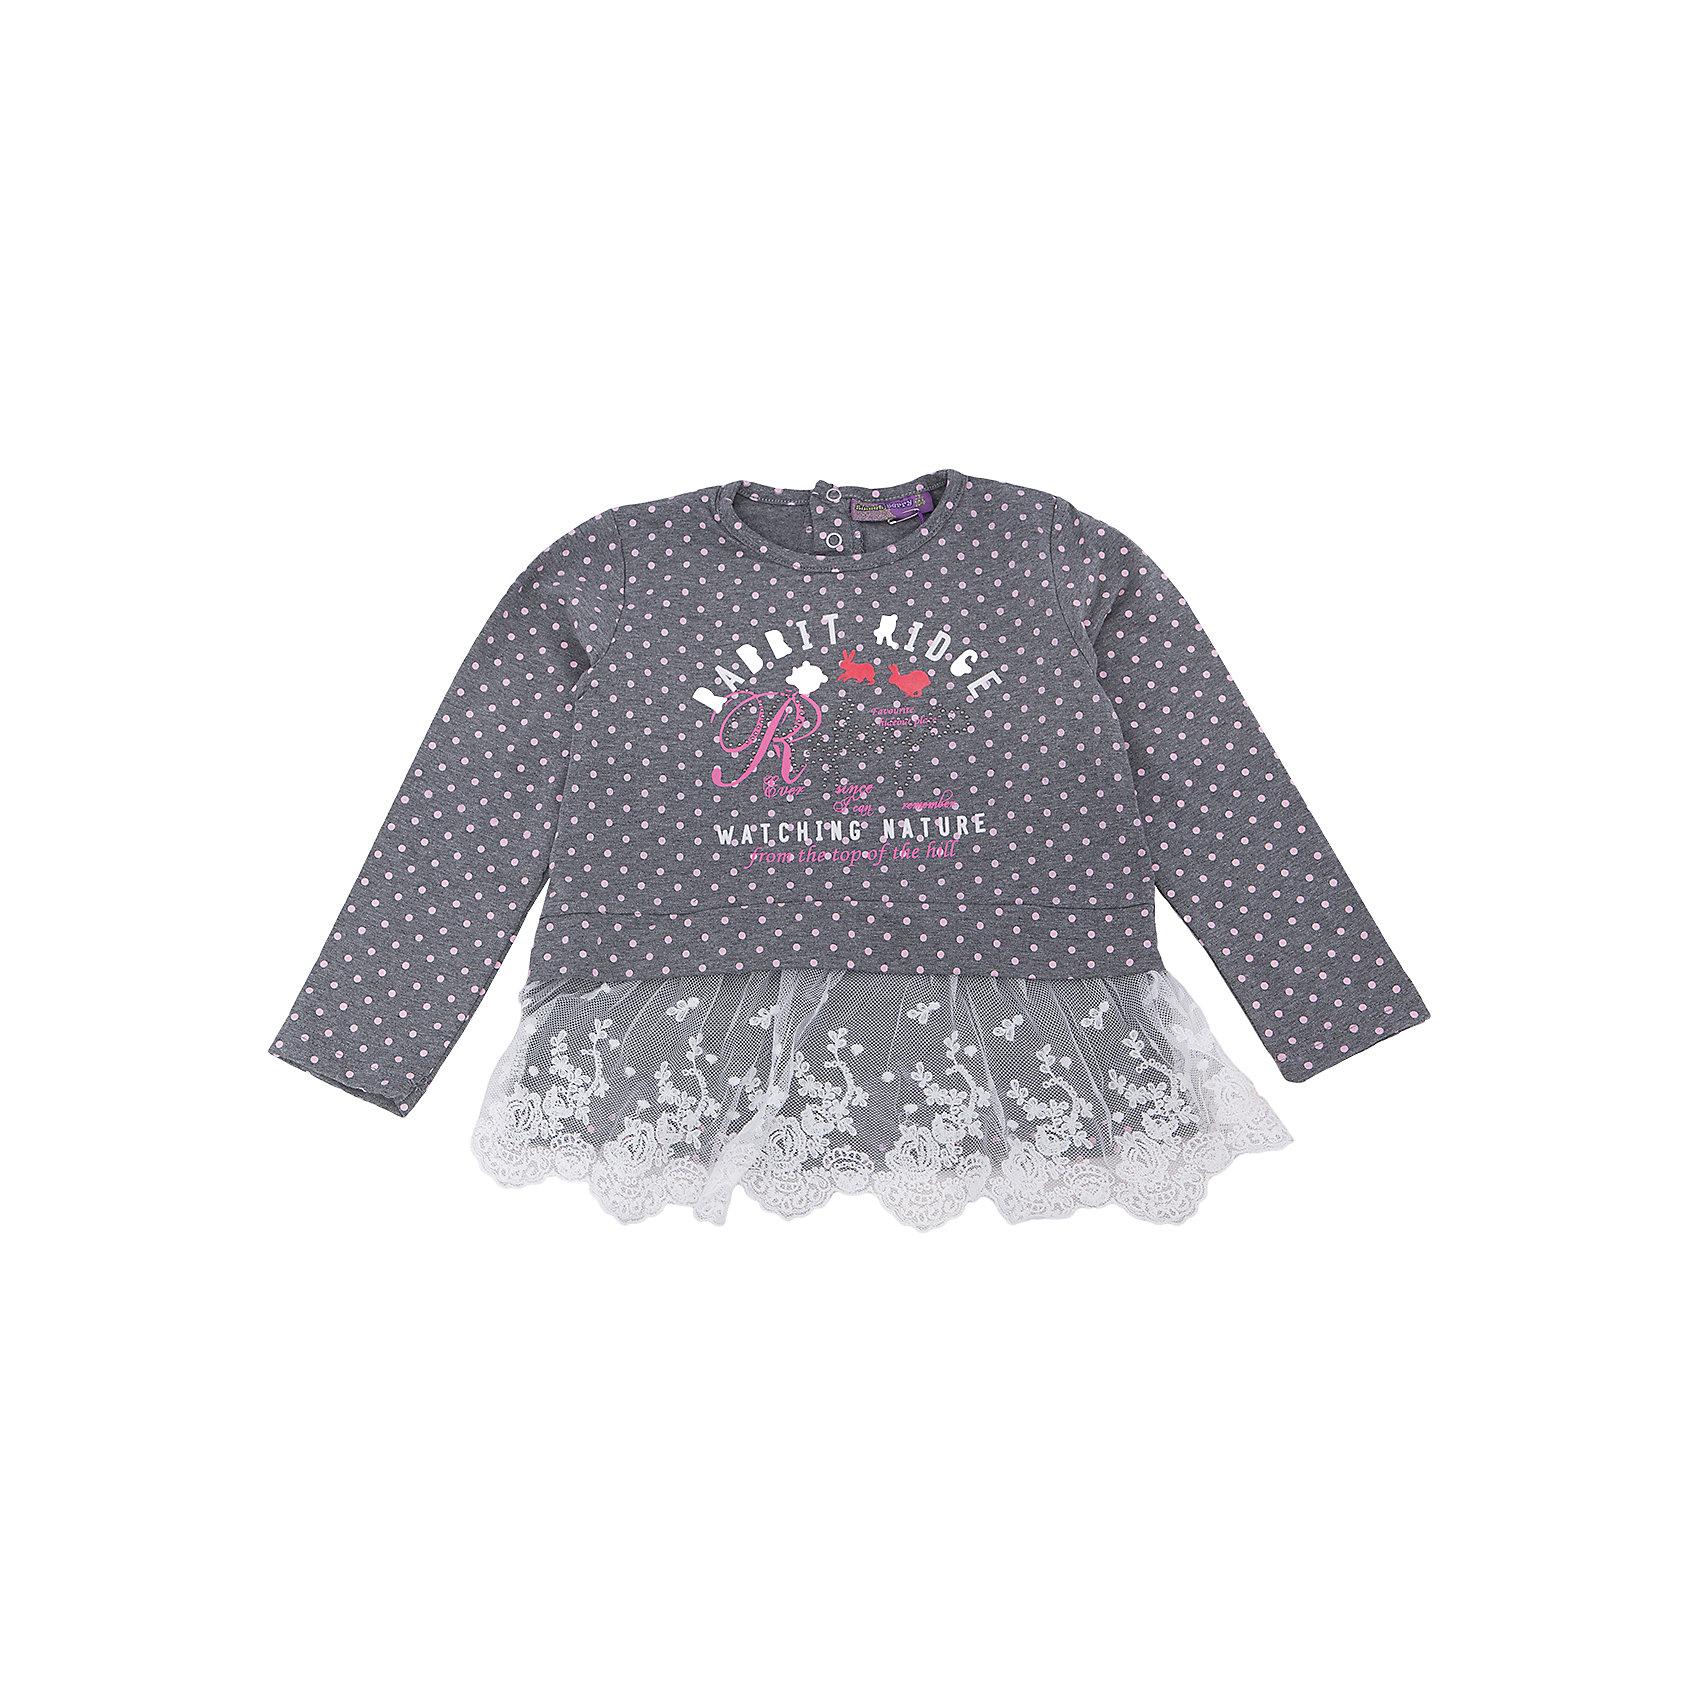 Футболка с длинным рукавом для девочки Sweet BerryКомфорт и стиль – две главные составляющие детской одежды. Футболка с длинным рукавом – модная вещь, которая способна одновременно создать стильный образ и защитить от осенних холодов маленького ребенка. Уникальная особенность модели – интересная отделка кружевом контрастного цвета по низу футболки. С ним кофта выглядит нарядно и совсем не скучно. Универсальный крой поможет создать множество образов. Материалы, использованные при изготовлении одежды, полностью безопасны для детей и отвечают всем требованиям по качеству продукции данной категории.<br><br>Дополнительная информация:<br><br>модный принт;<br>кружевная отделка;<br>прямой силуэт;<br>цвет: темно-серый;<br>материал: хлопок 95%, эластан 5%.<br><br>Футболку с длинным рукавом для девочки от компании Sweet Berry можно приобрести в нашем магазине.<br><br>Ширина мм: 230<br>Глубина мм: 40<br>Высота мм: 220<br>Вес г: 250<br>Цвет: серый<br>Возраст от месяцев: 24<br>Возраст до месяцев: 36<br>Пол: Женский<br>Возраст: Детский<br>Размер: 98,116,122,104,128,110<br>SKU: 4931890